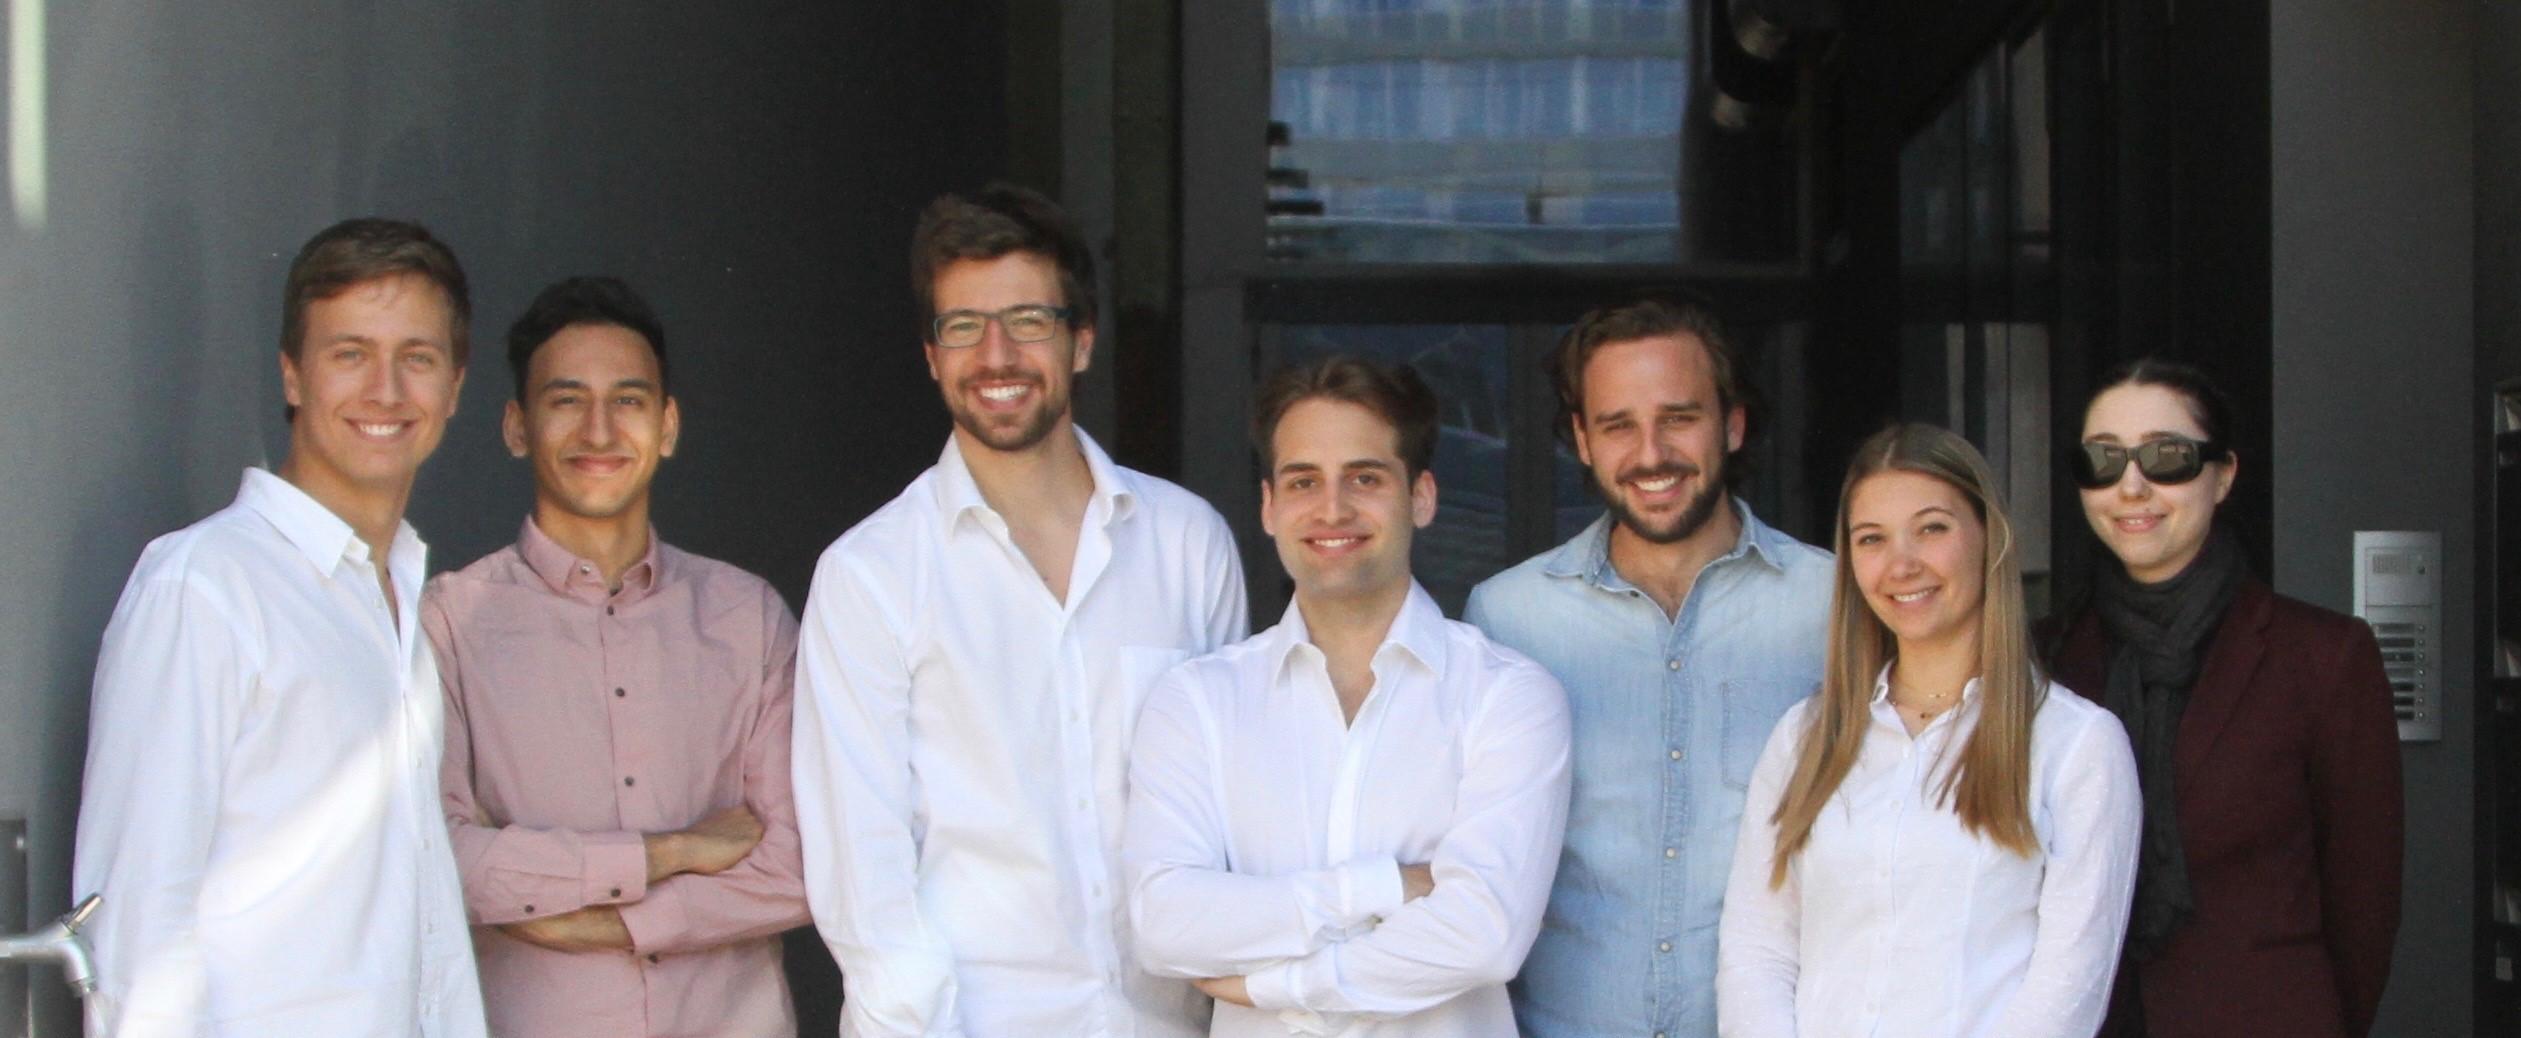 Veezoo Team